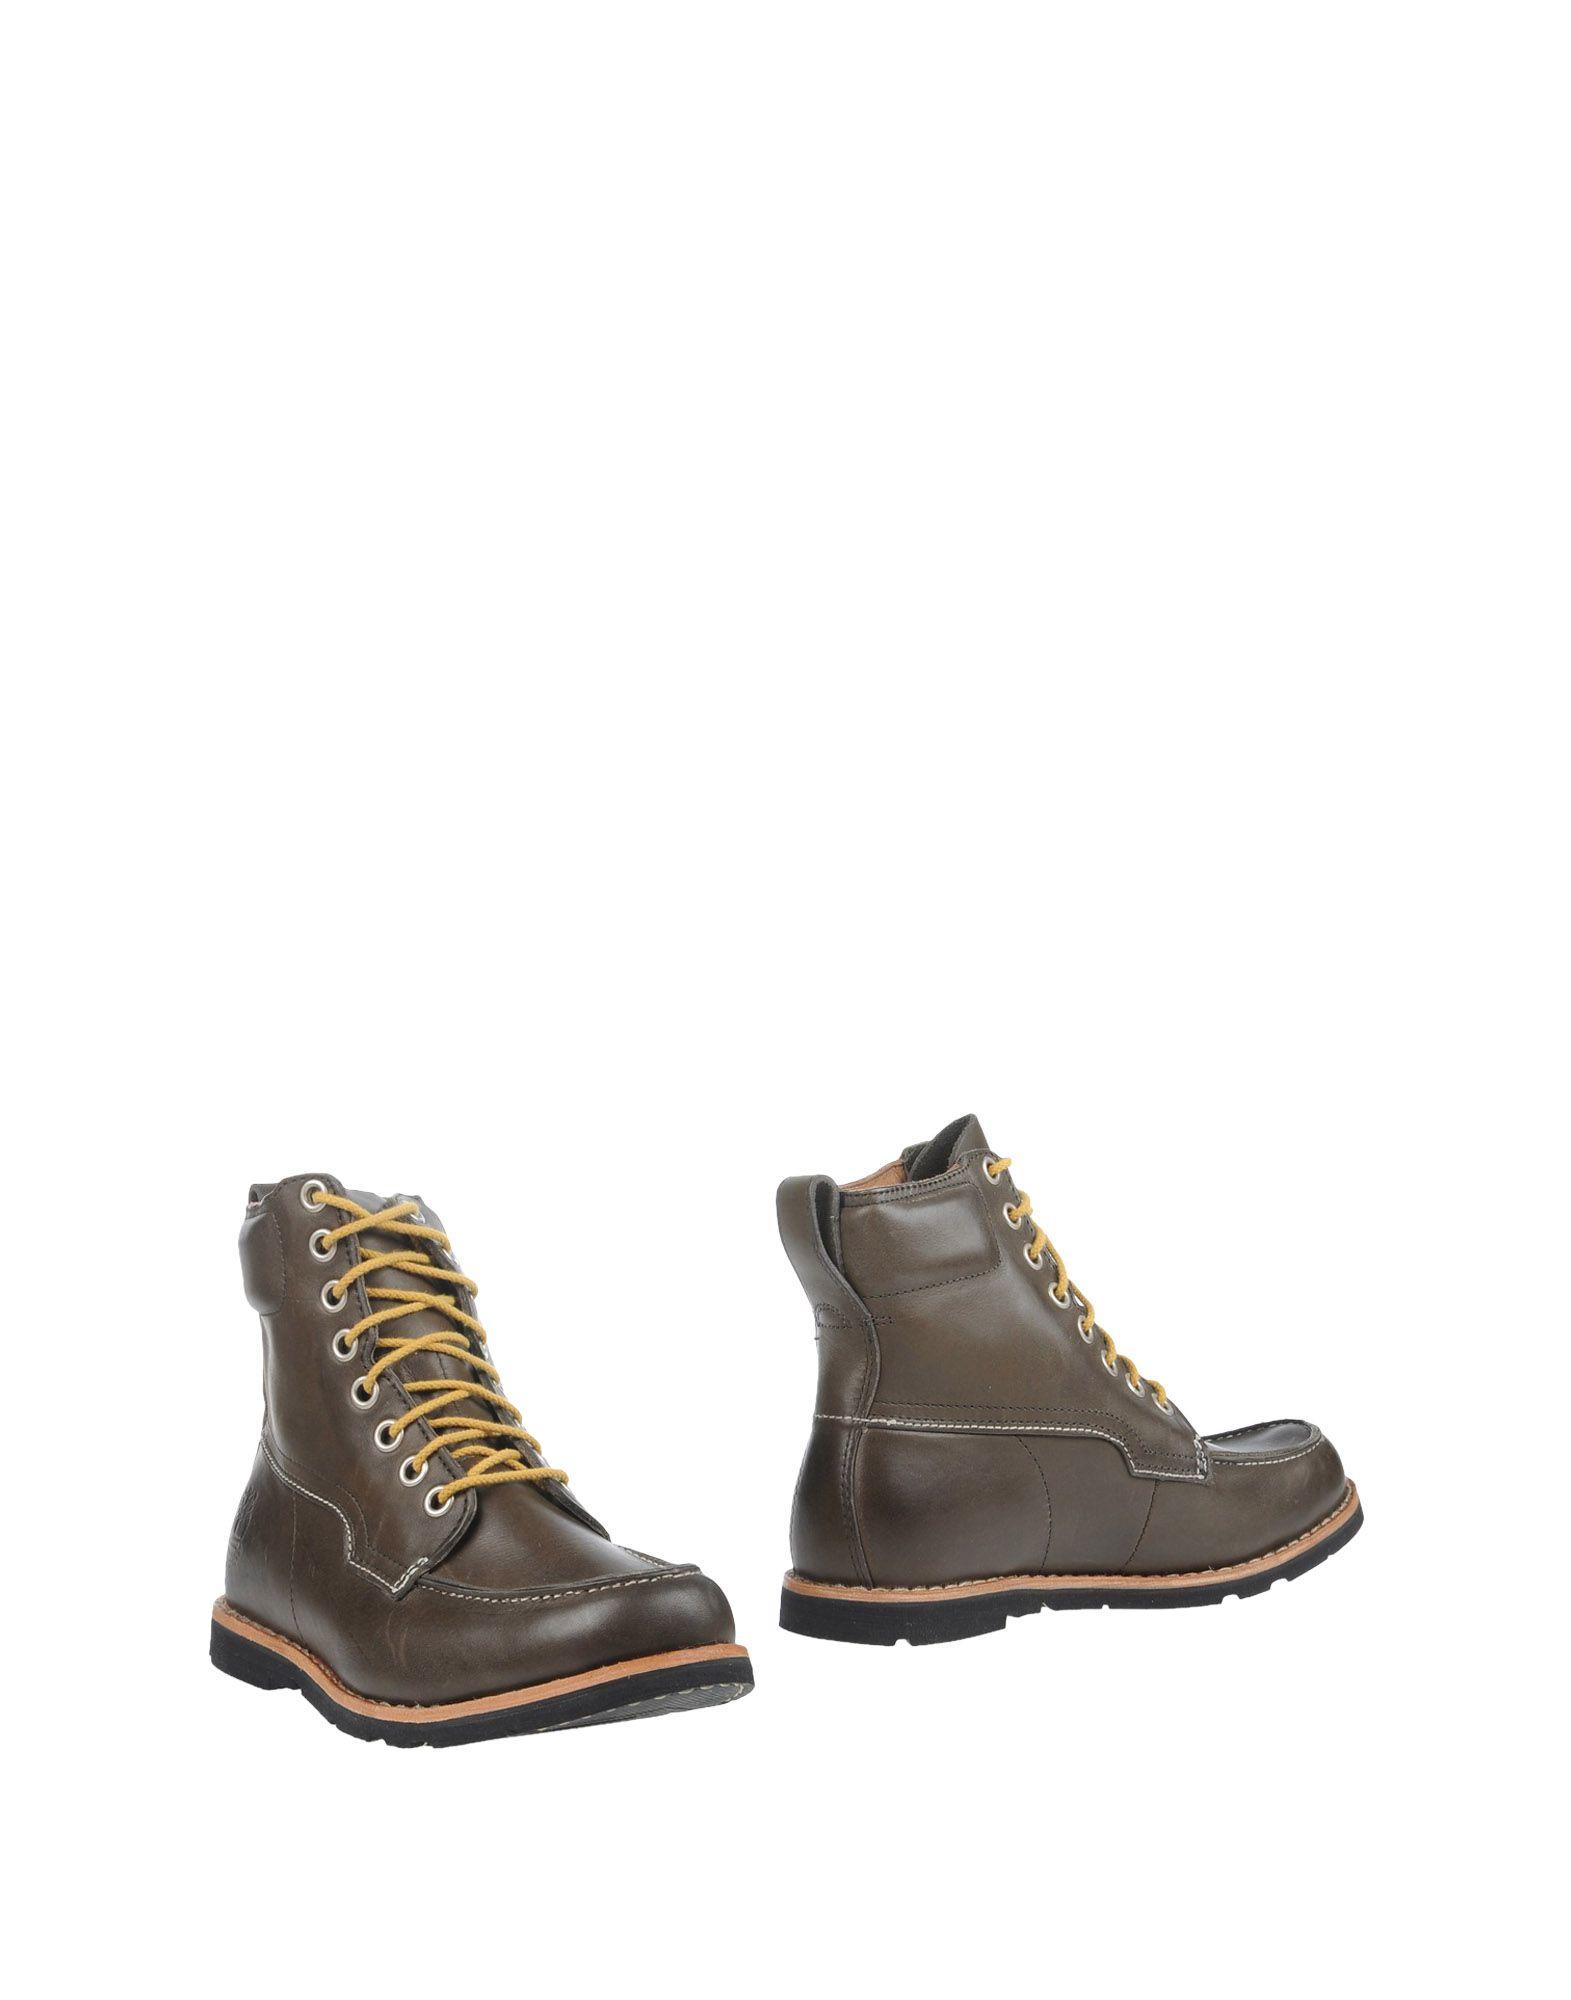 Wonderful Womens Timberland 6 Premium Boot - Green - 538592